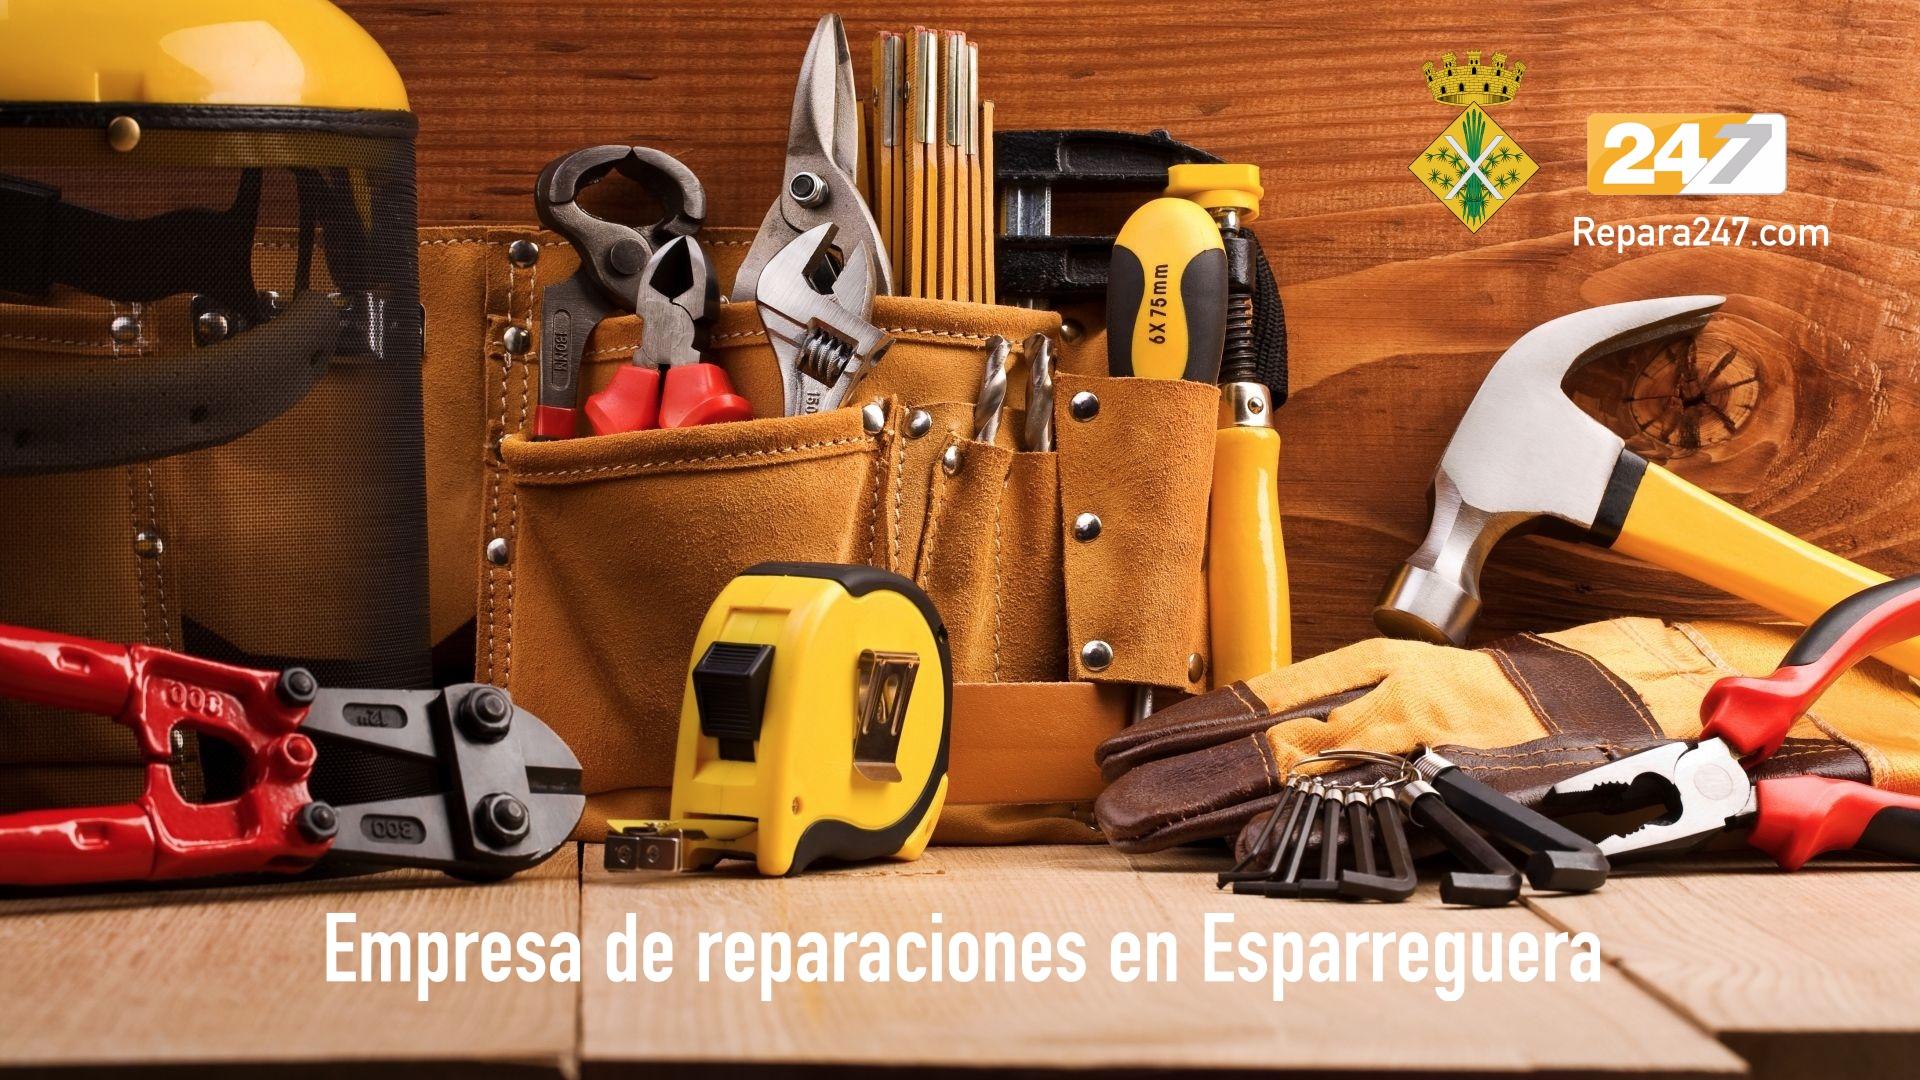 Empresa de reparaciones en Esparreguera